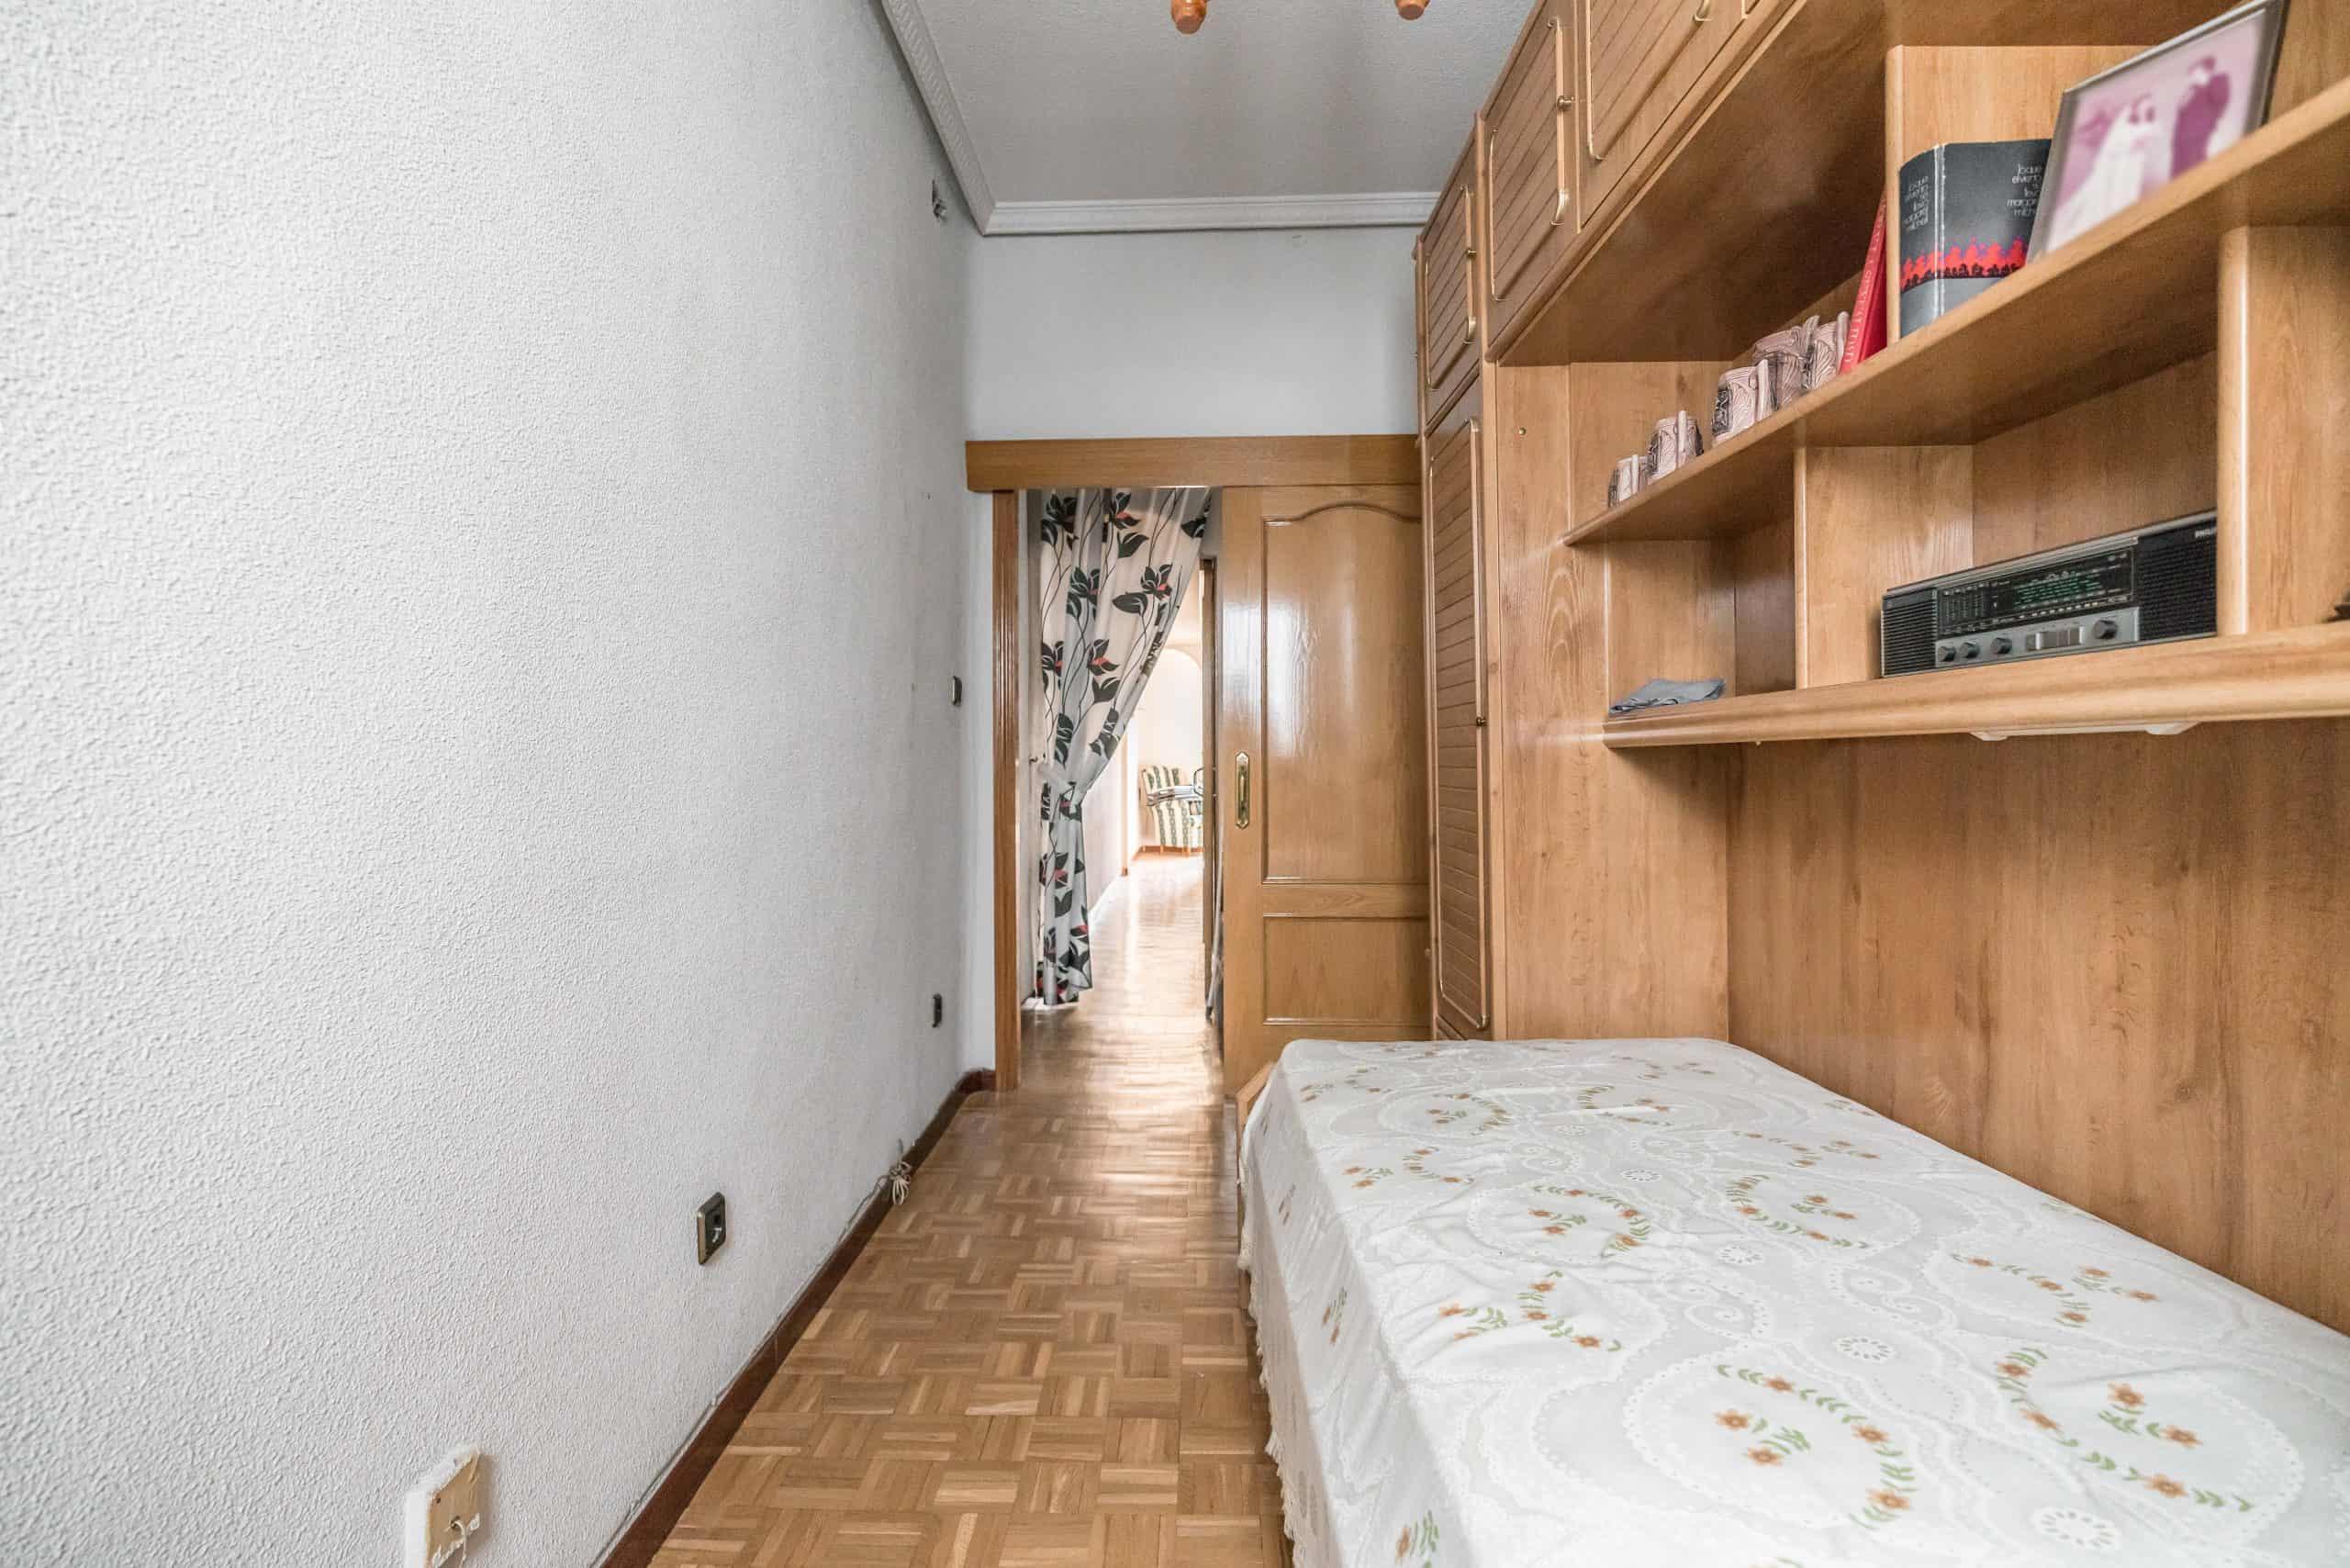 Agencia Inmobiliaria de Madrid-FUTUROCASA-Zona ARGANZUELA-EMBAJADORES-LEGAZPI -calle Guillermo de Osma 4 DORMITORIO2 (6) (Copy)